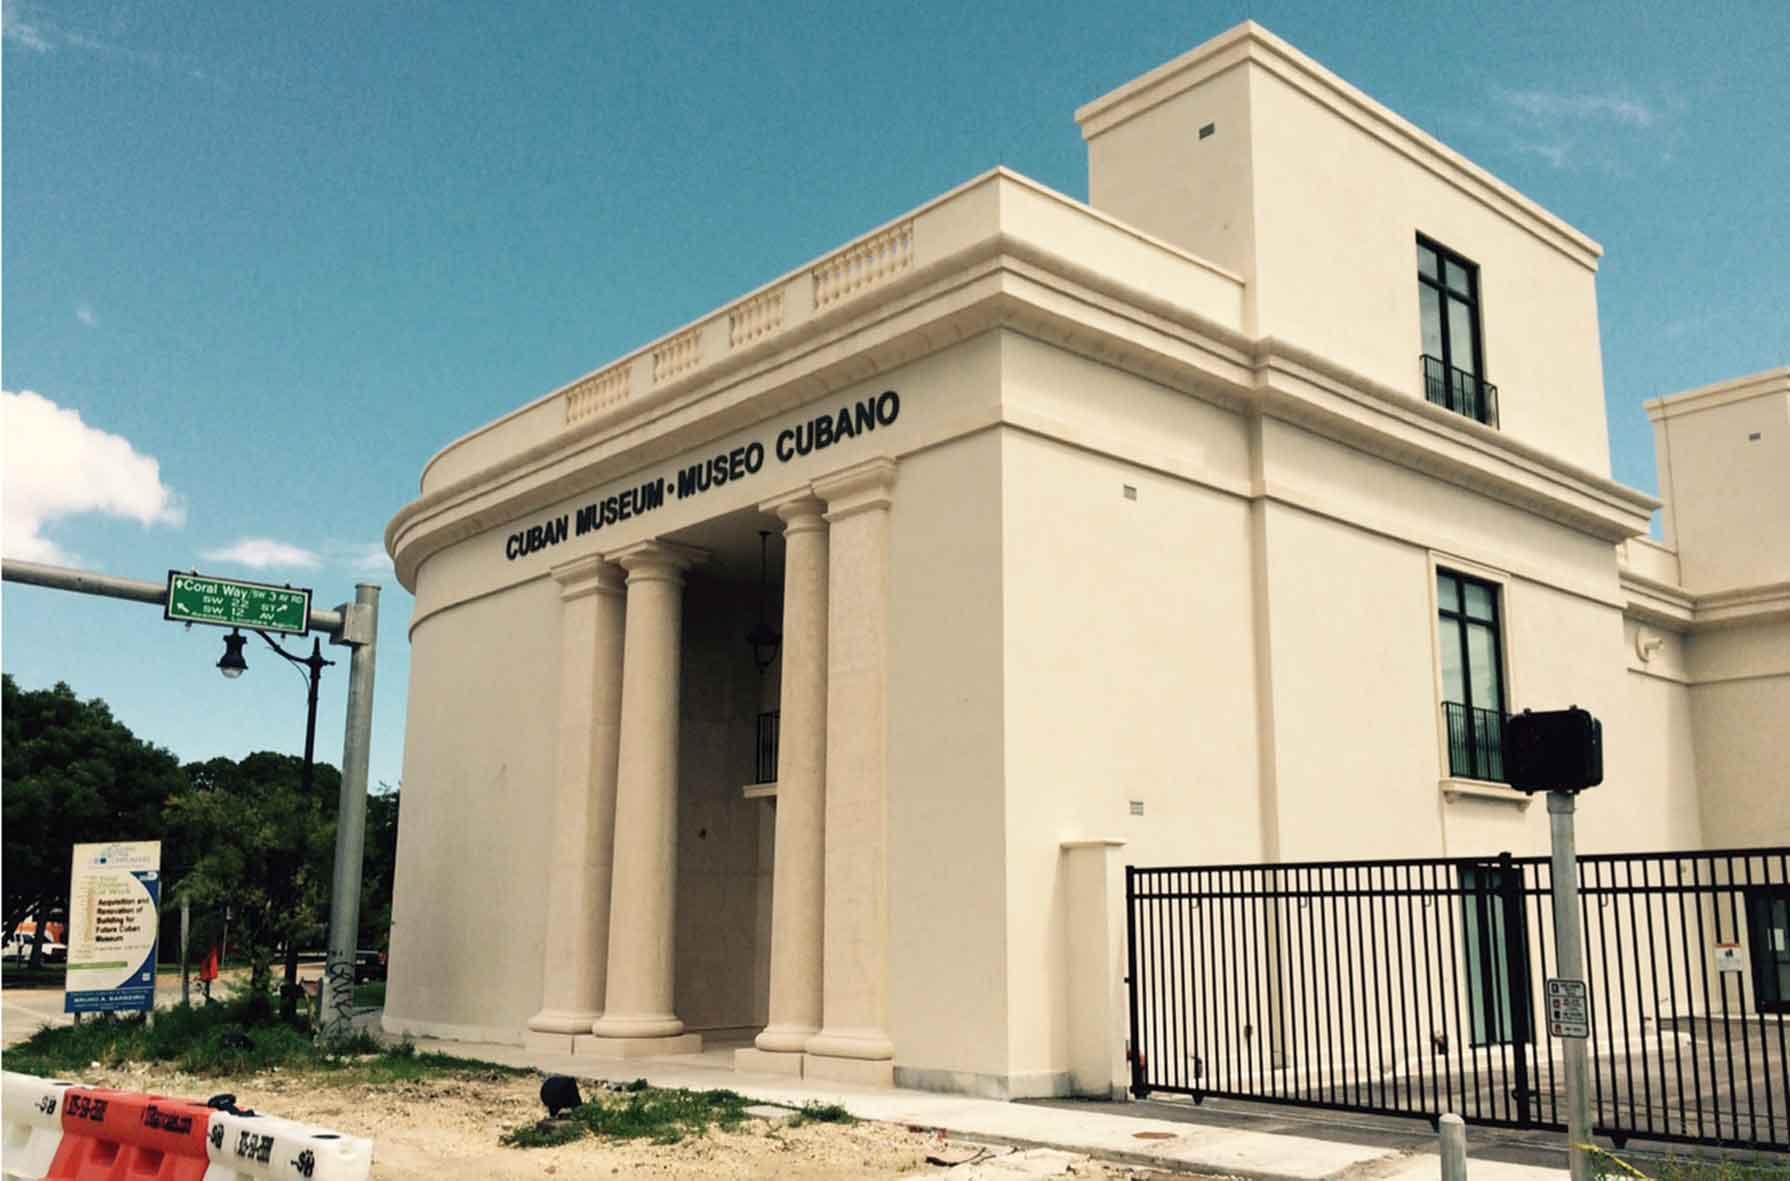 Cuban Museum preparing for opening